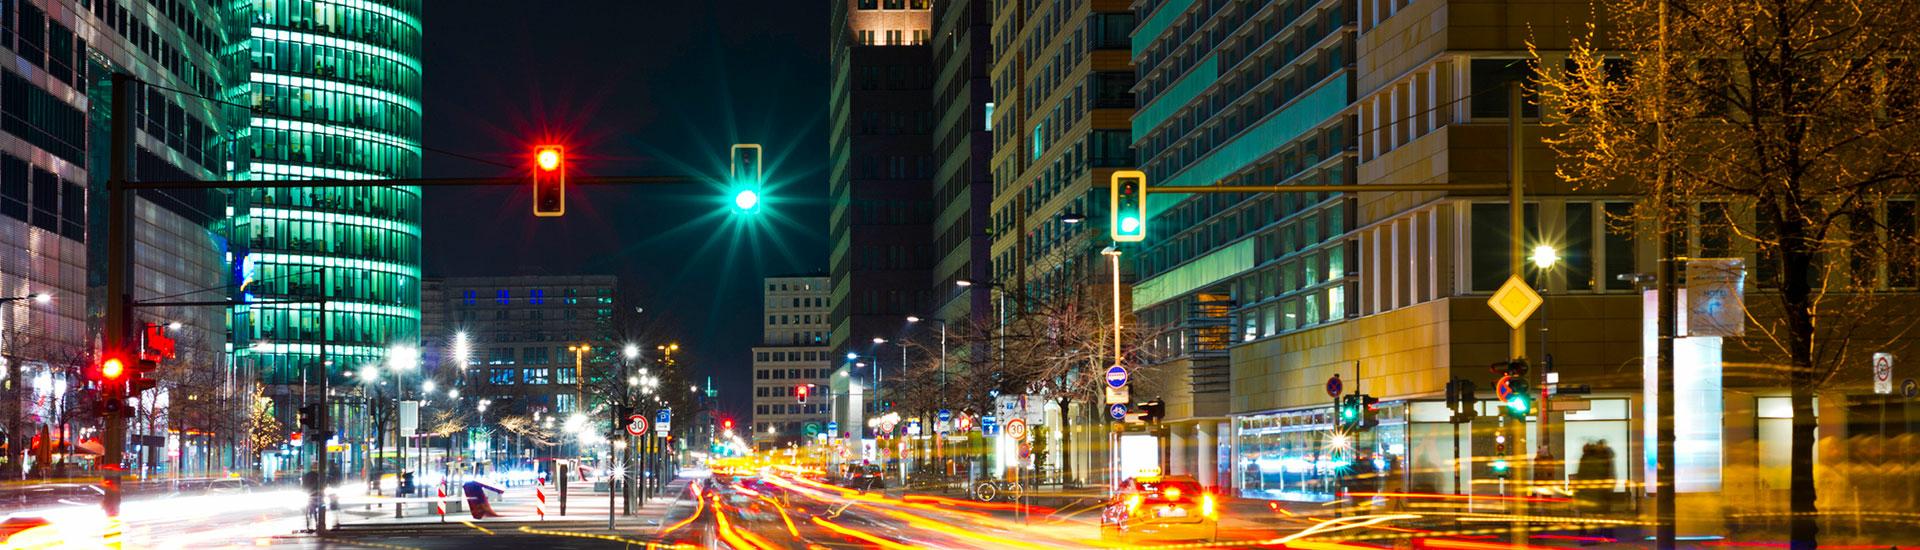 Verkehrskreuzung und Häuser in einer Stadt bei Nacht